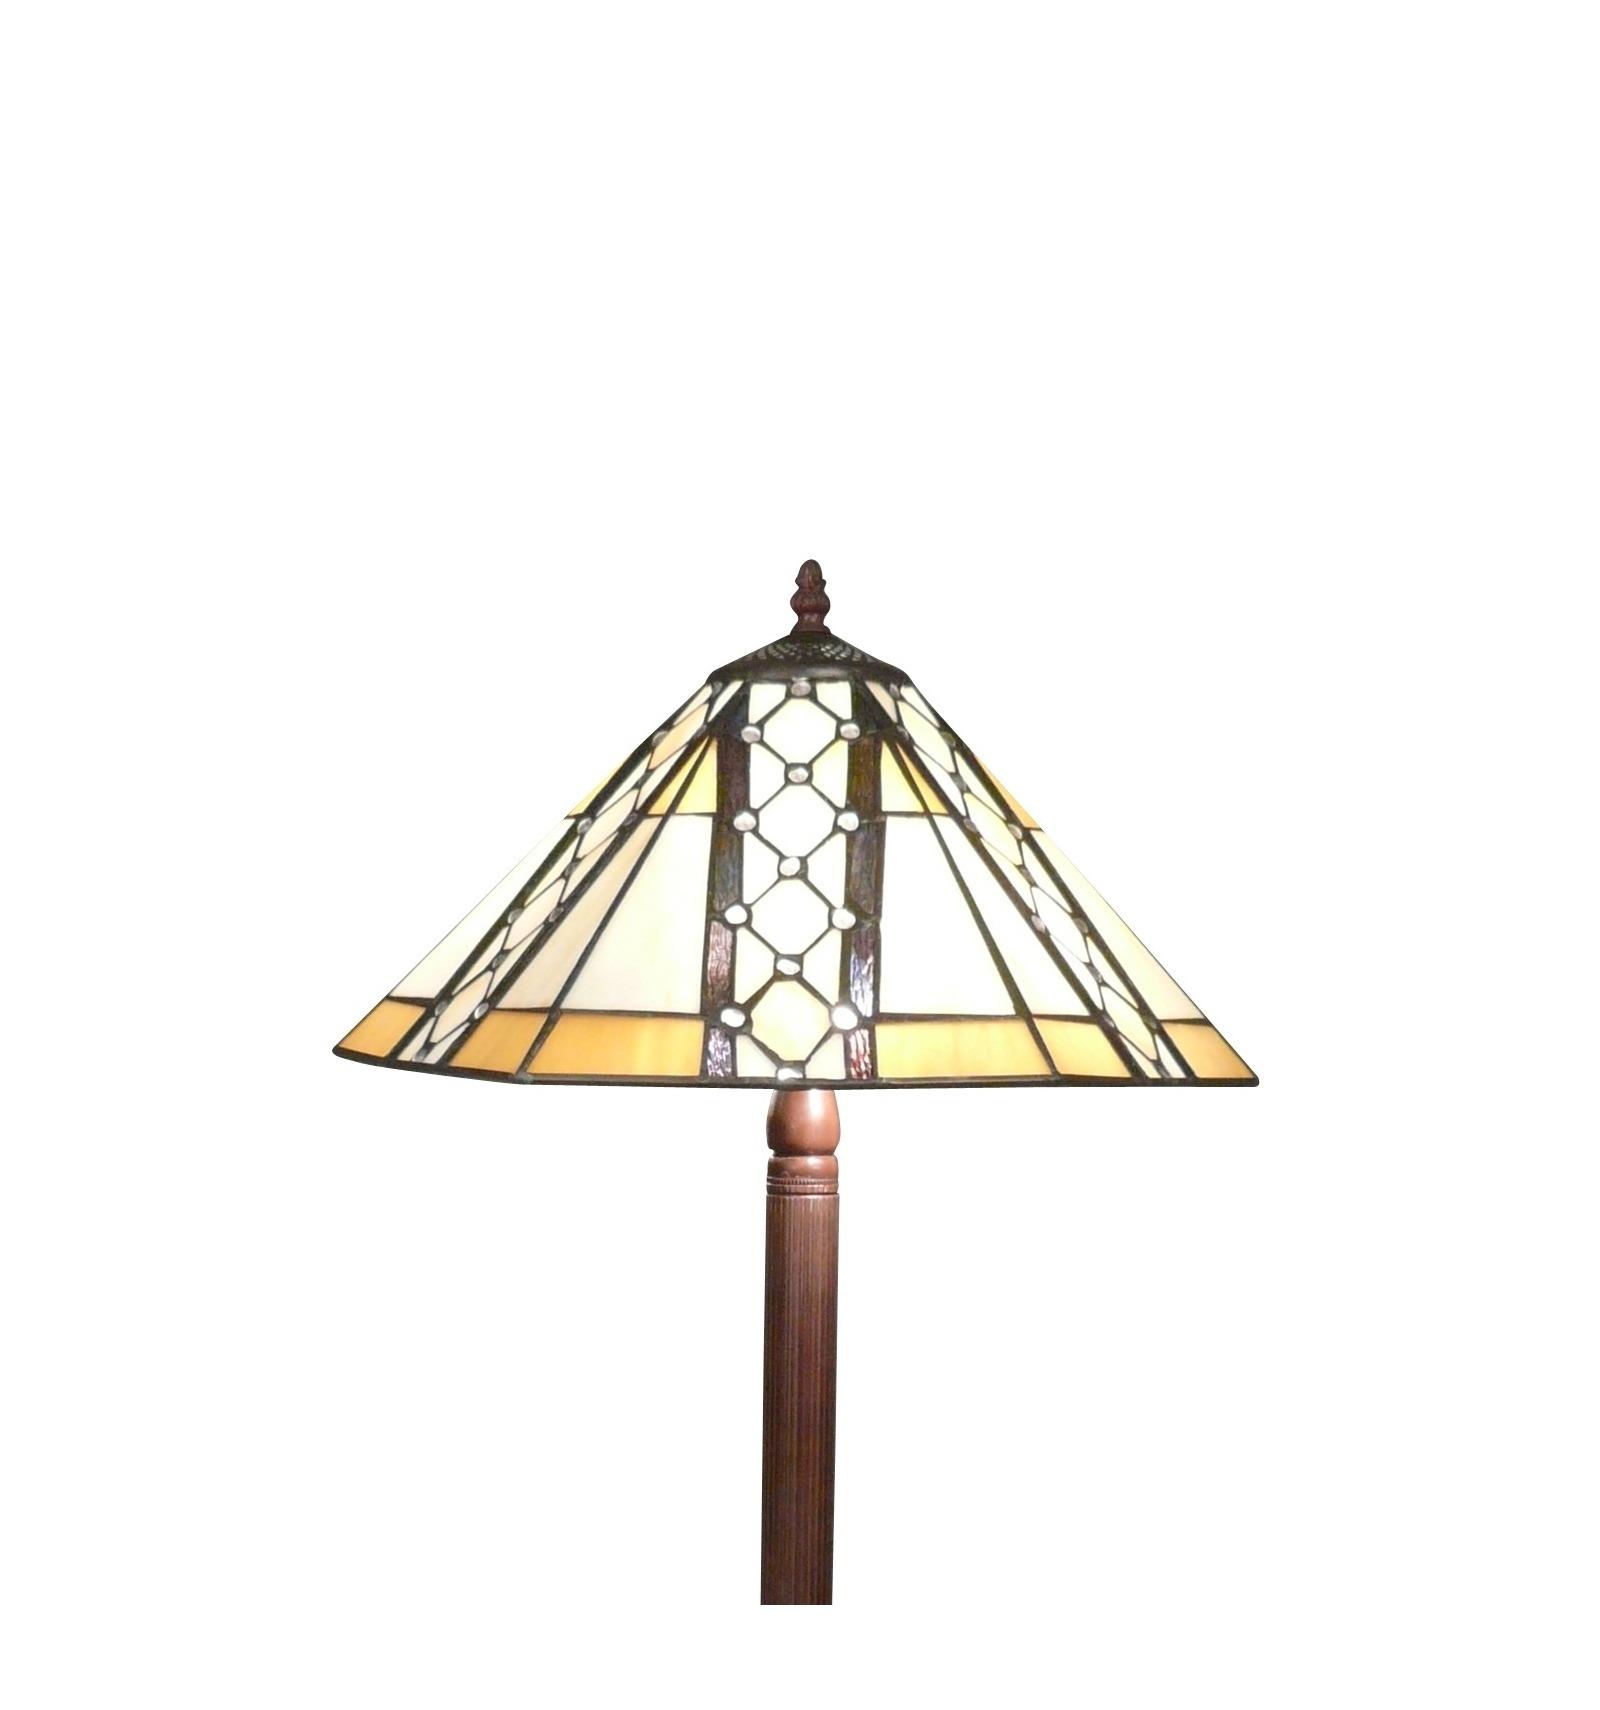 навахо Tiffany лампы лампы и прикладного искусства деко